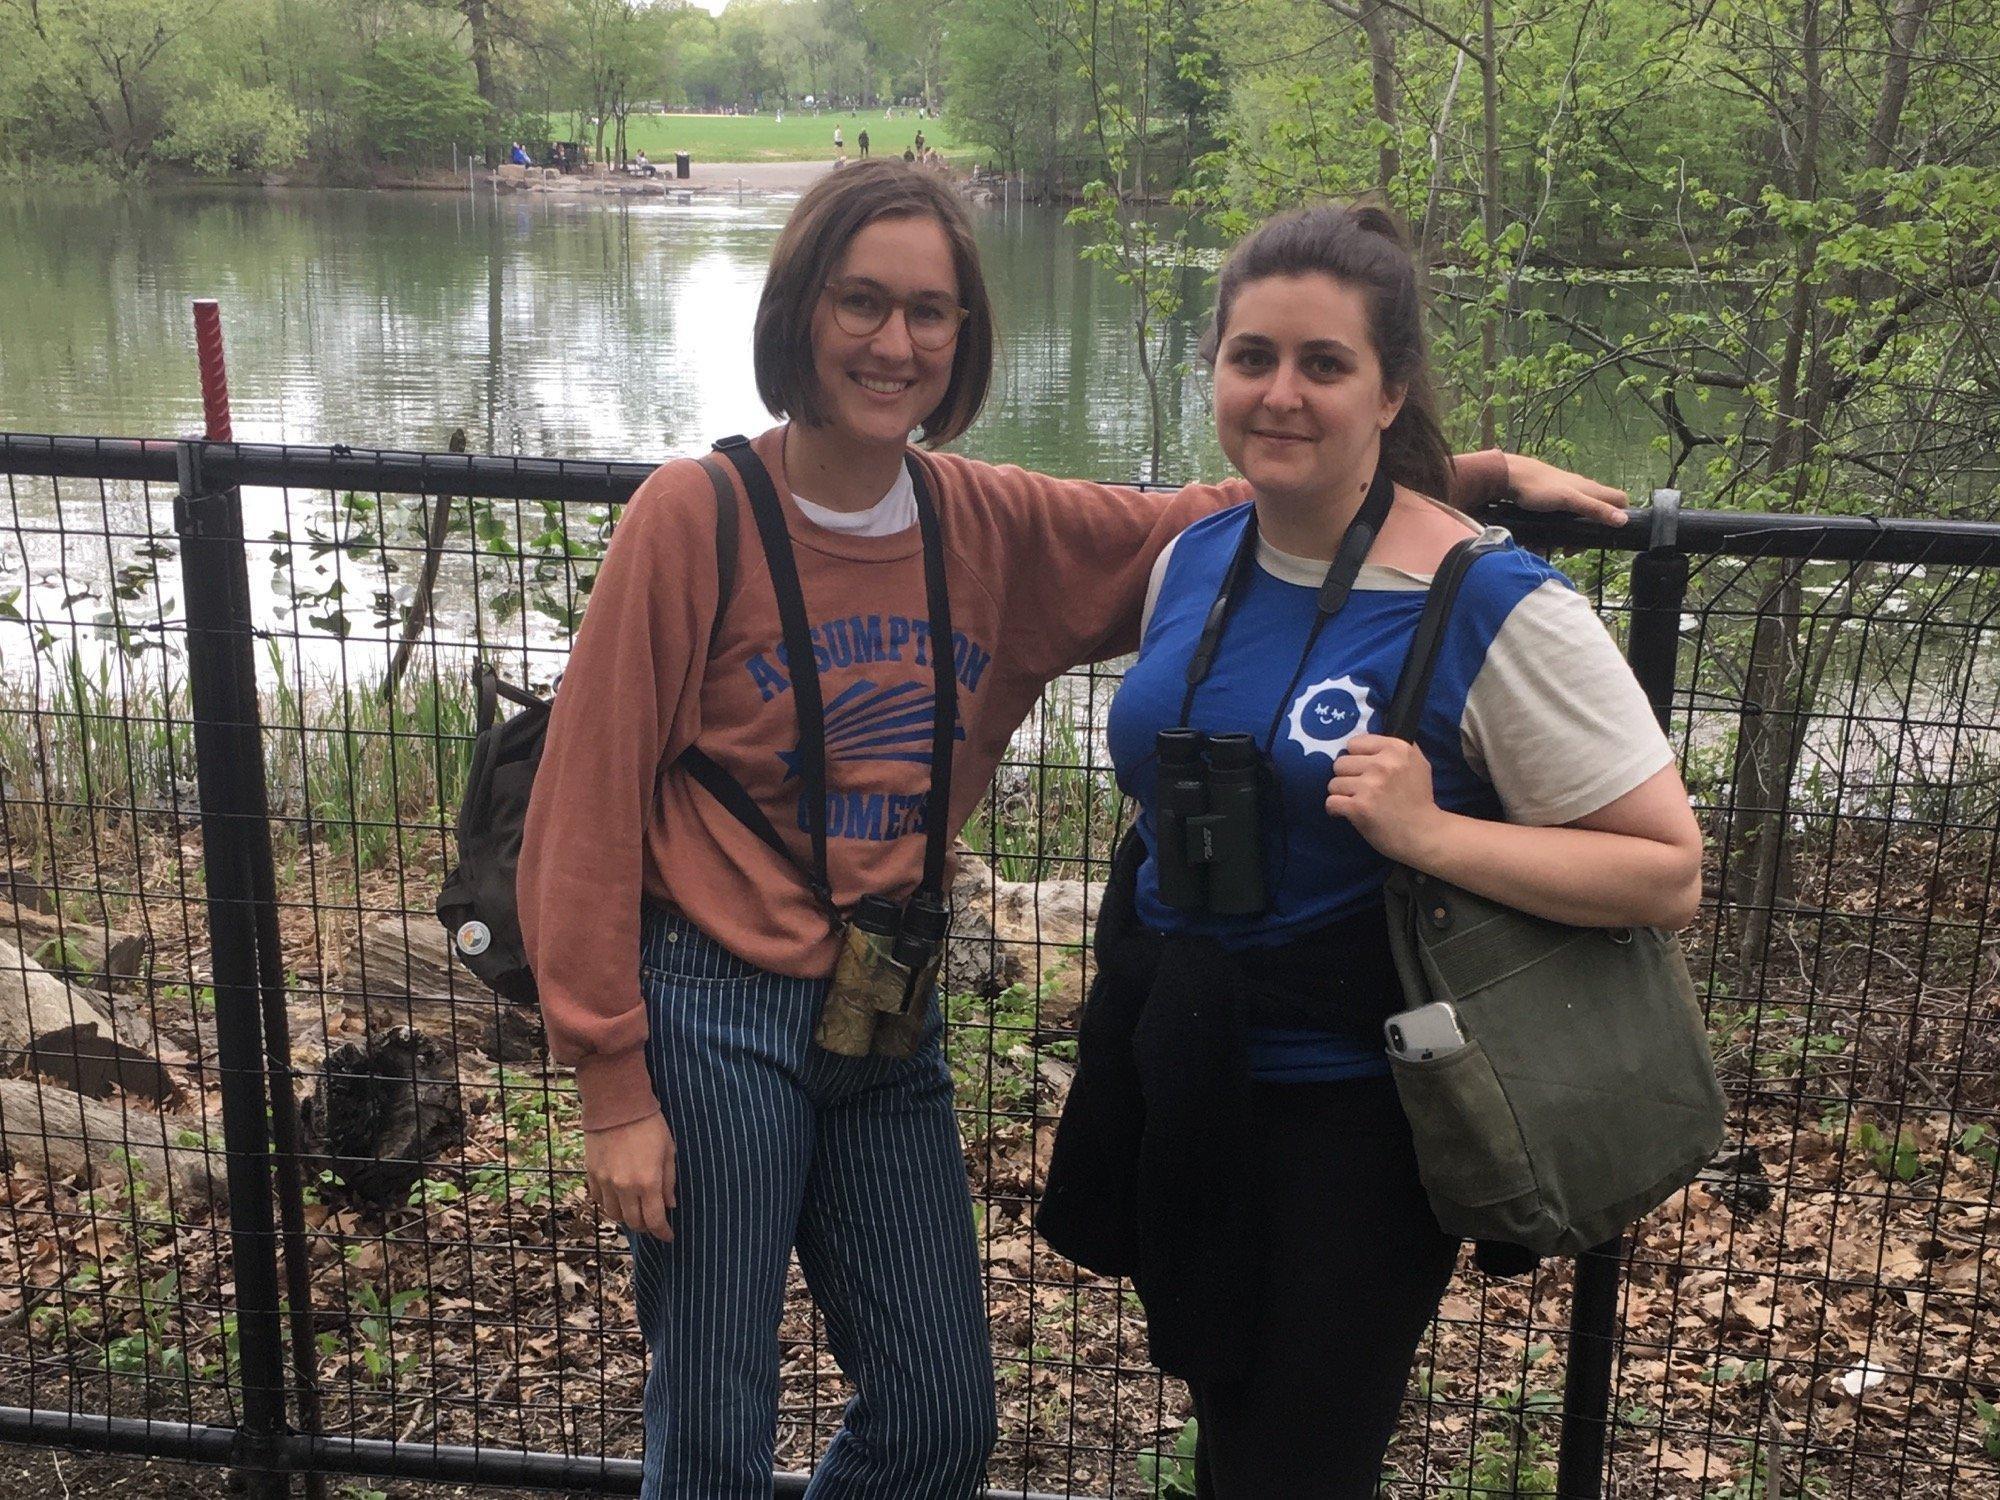 Zwei Mädchen stehen mit Fernglas im Naturpark.